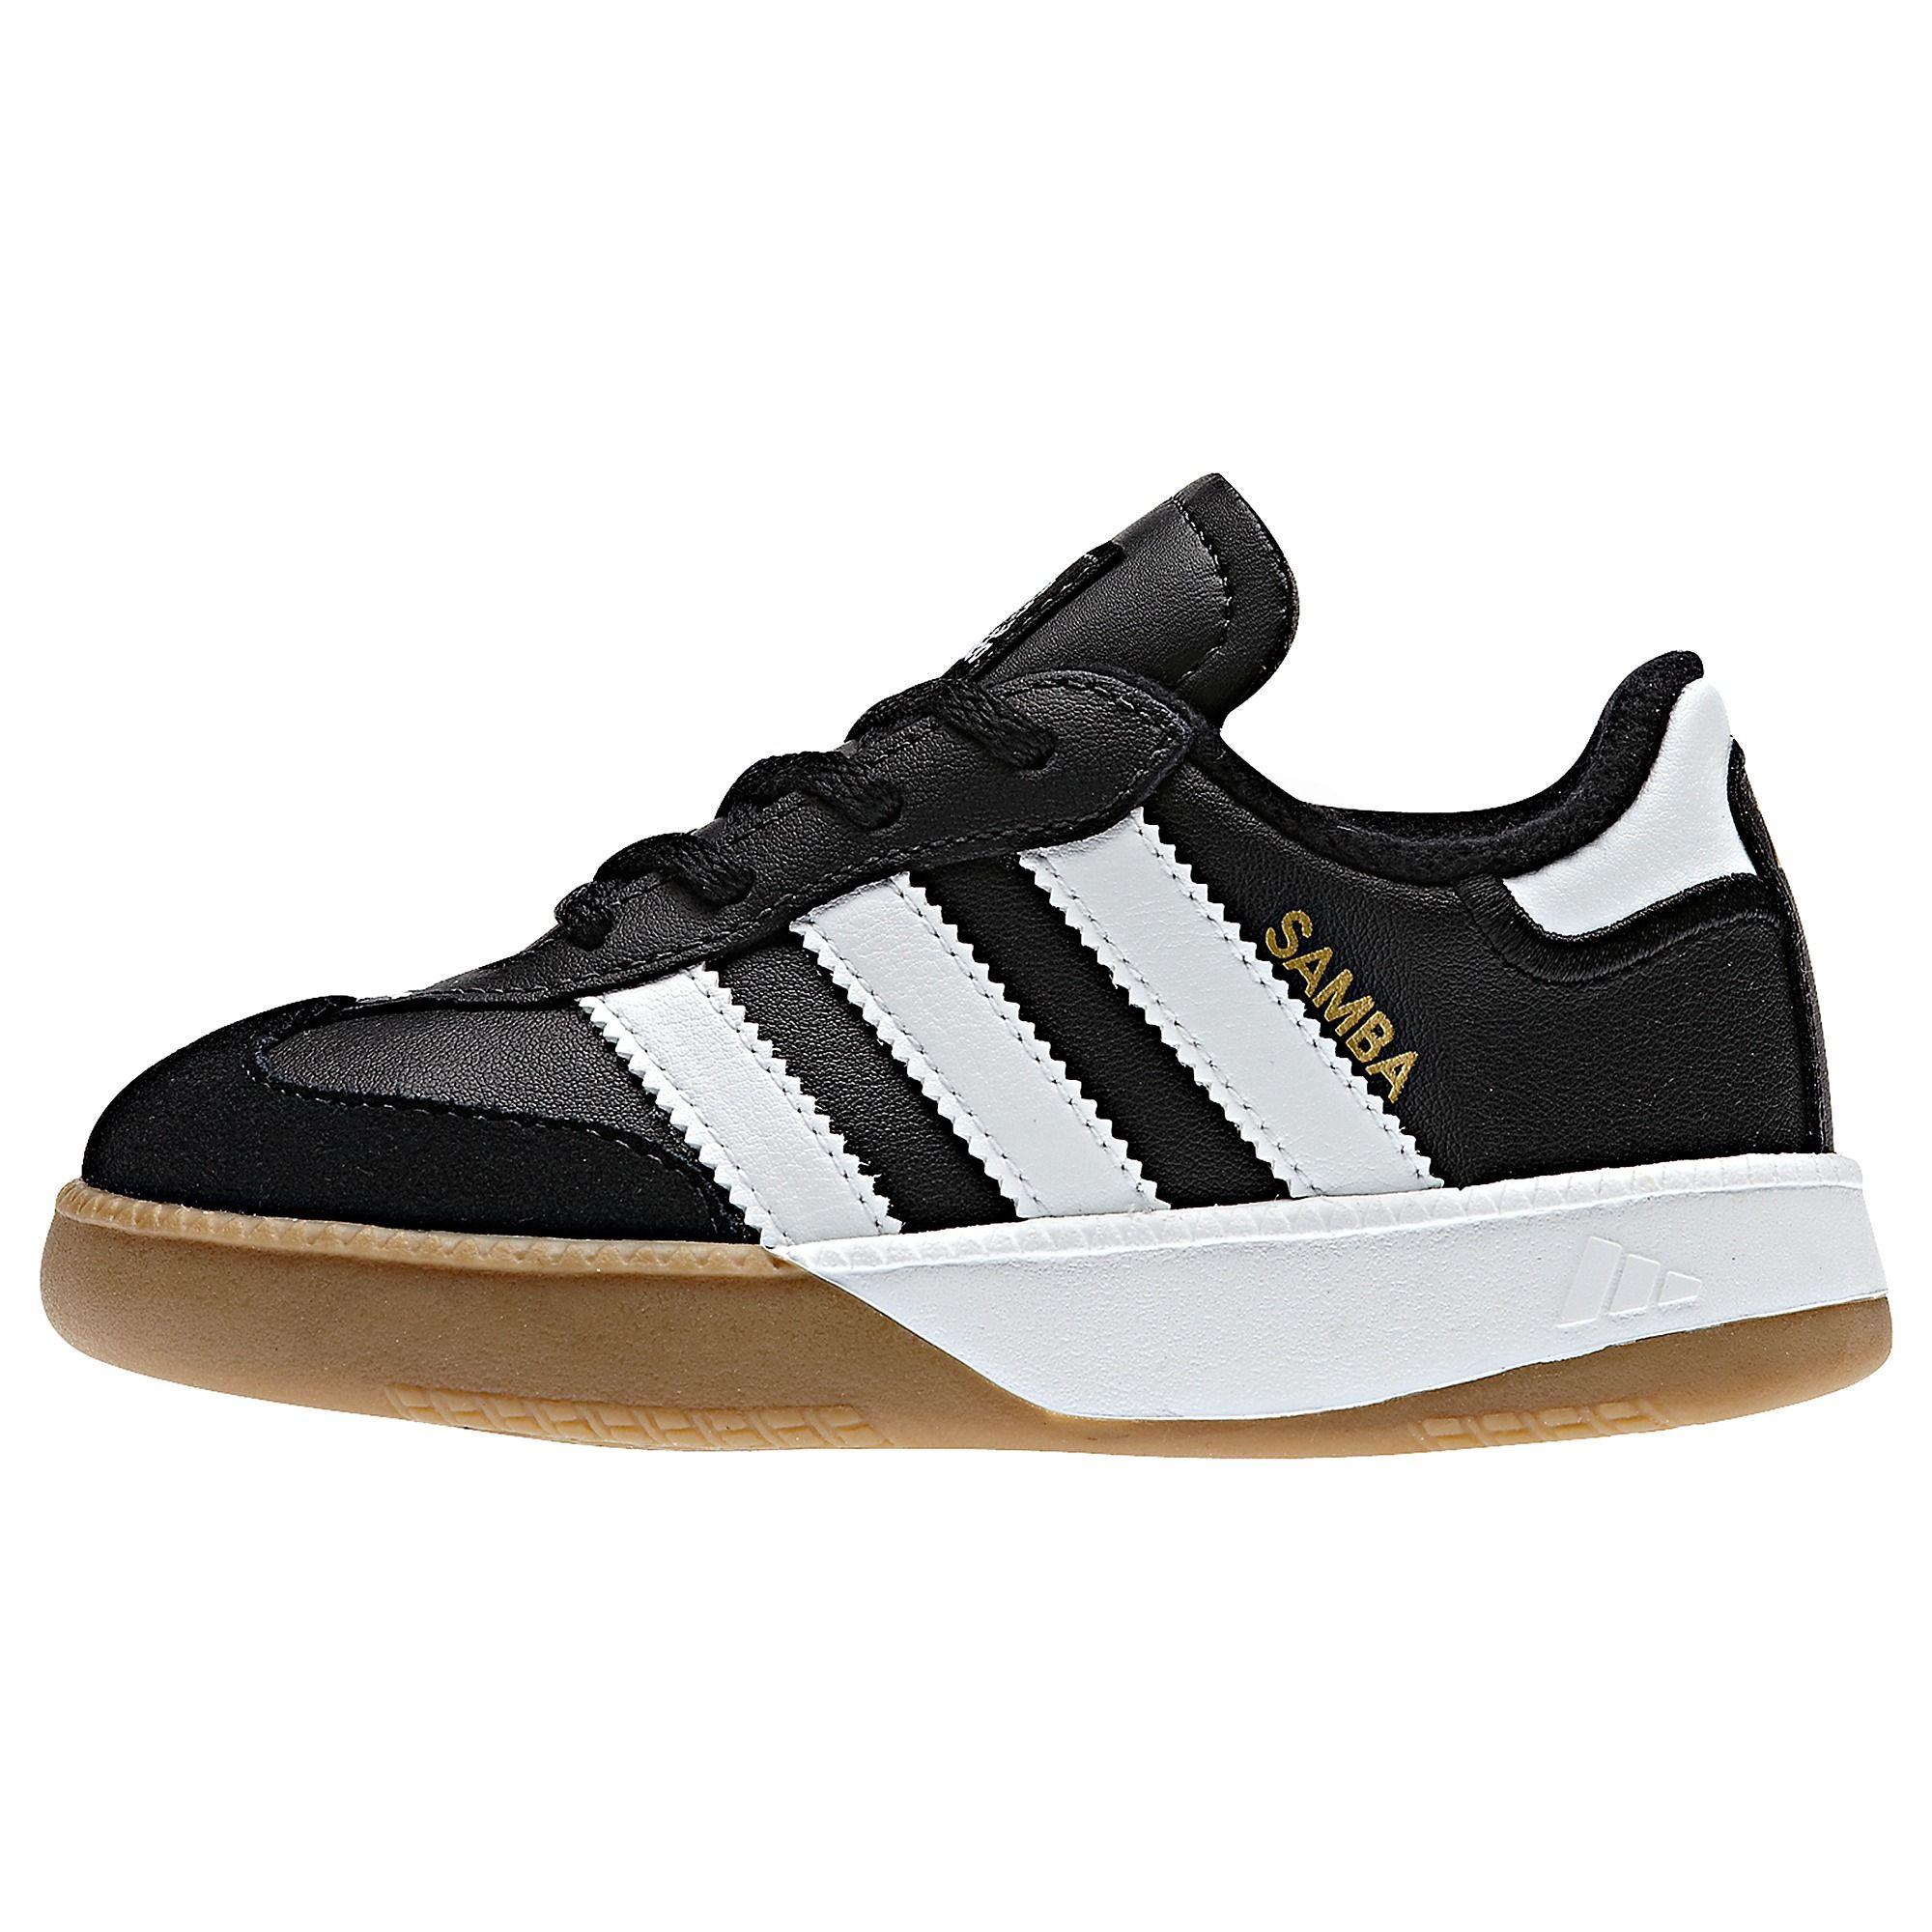 adidas samba scarpe bambini scarpe adidas